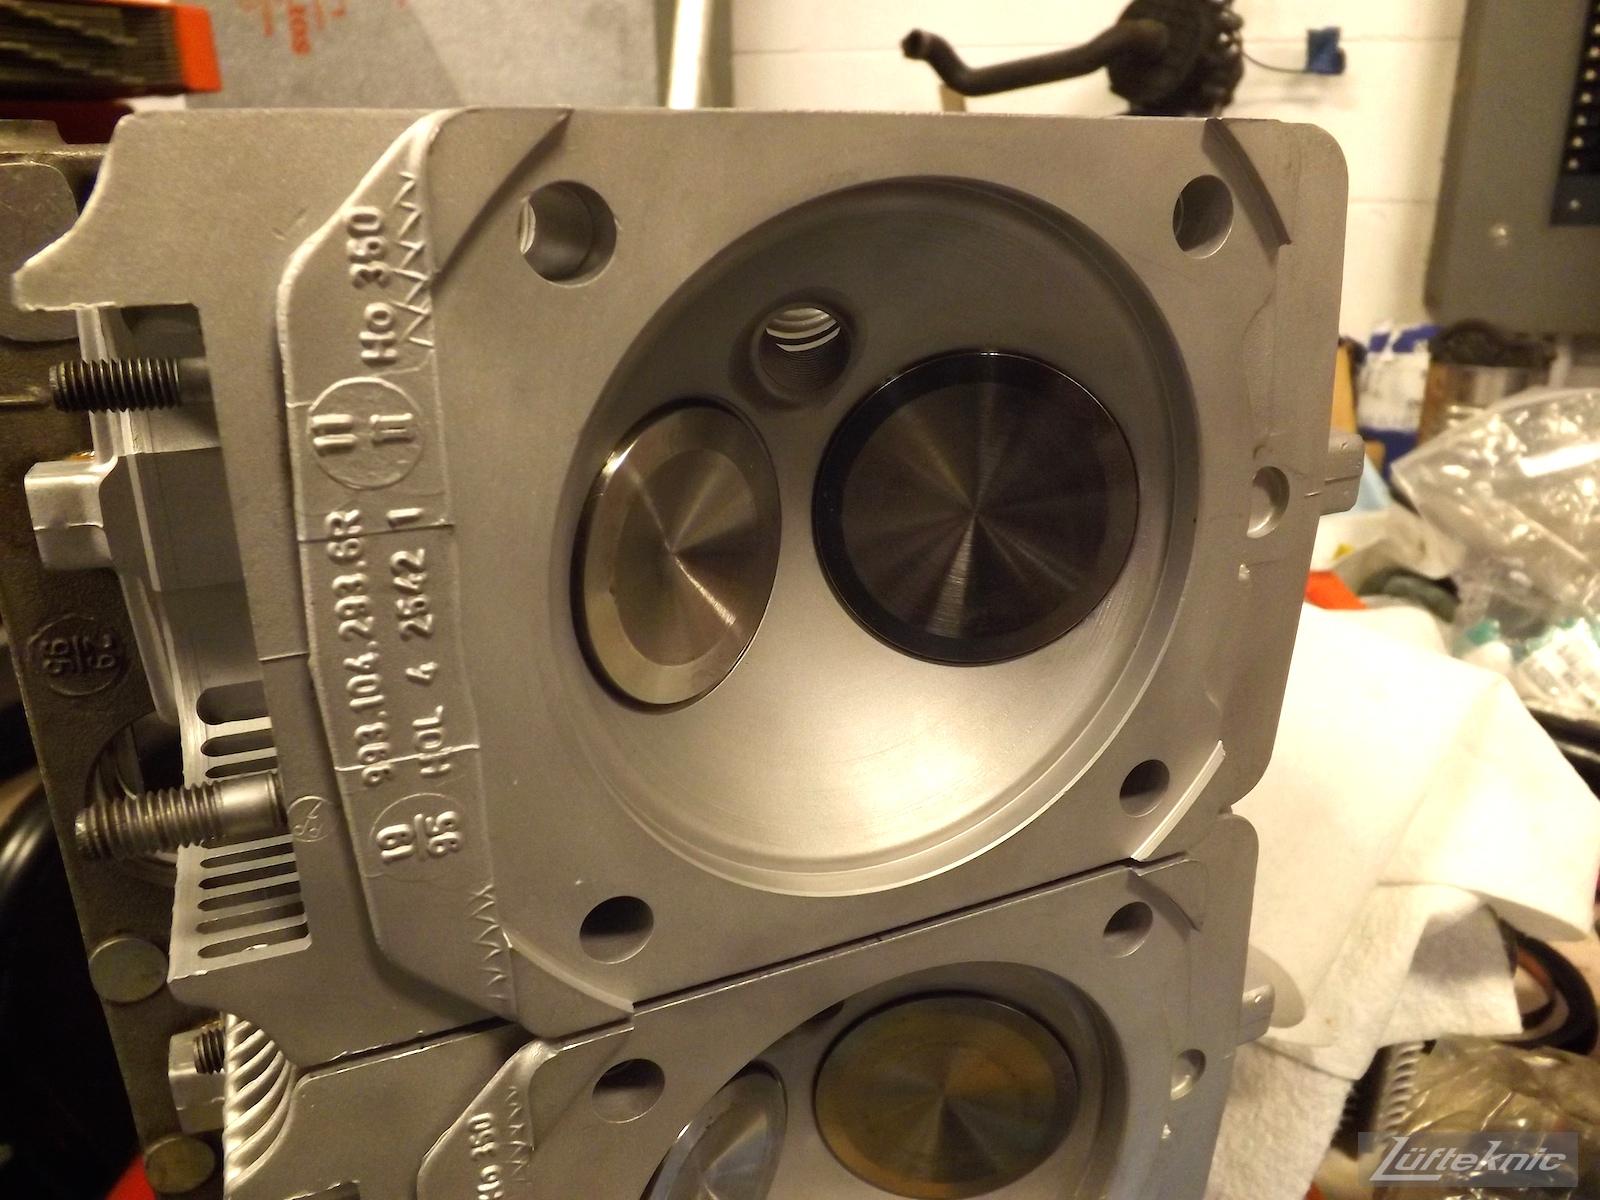 Freshly rebuilt 993 Turbo heads ready for install.